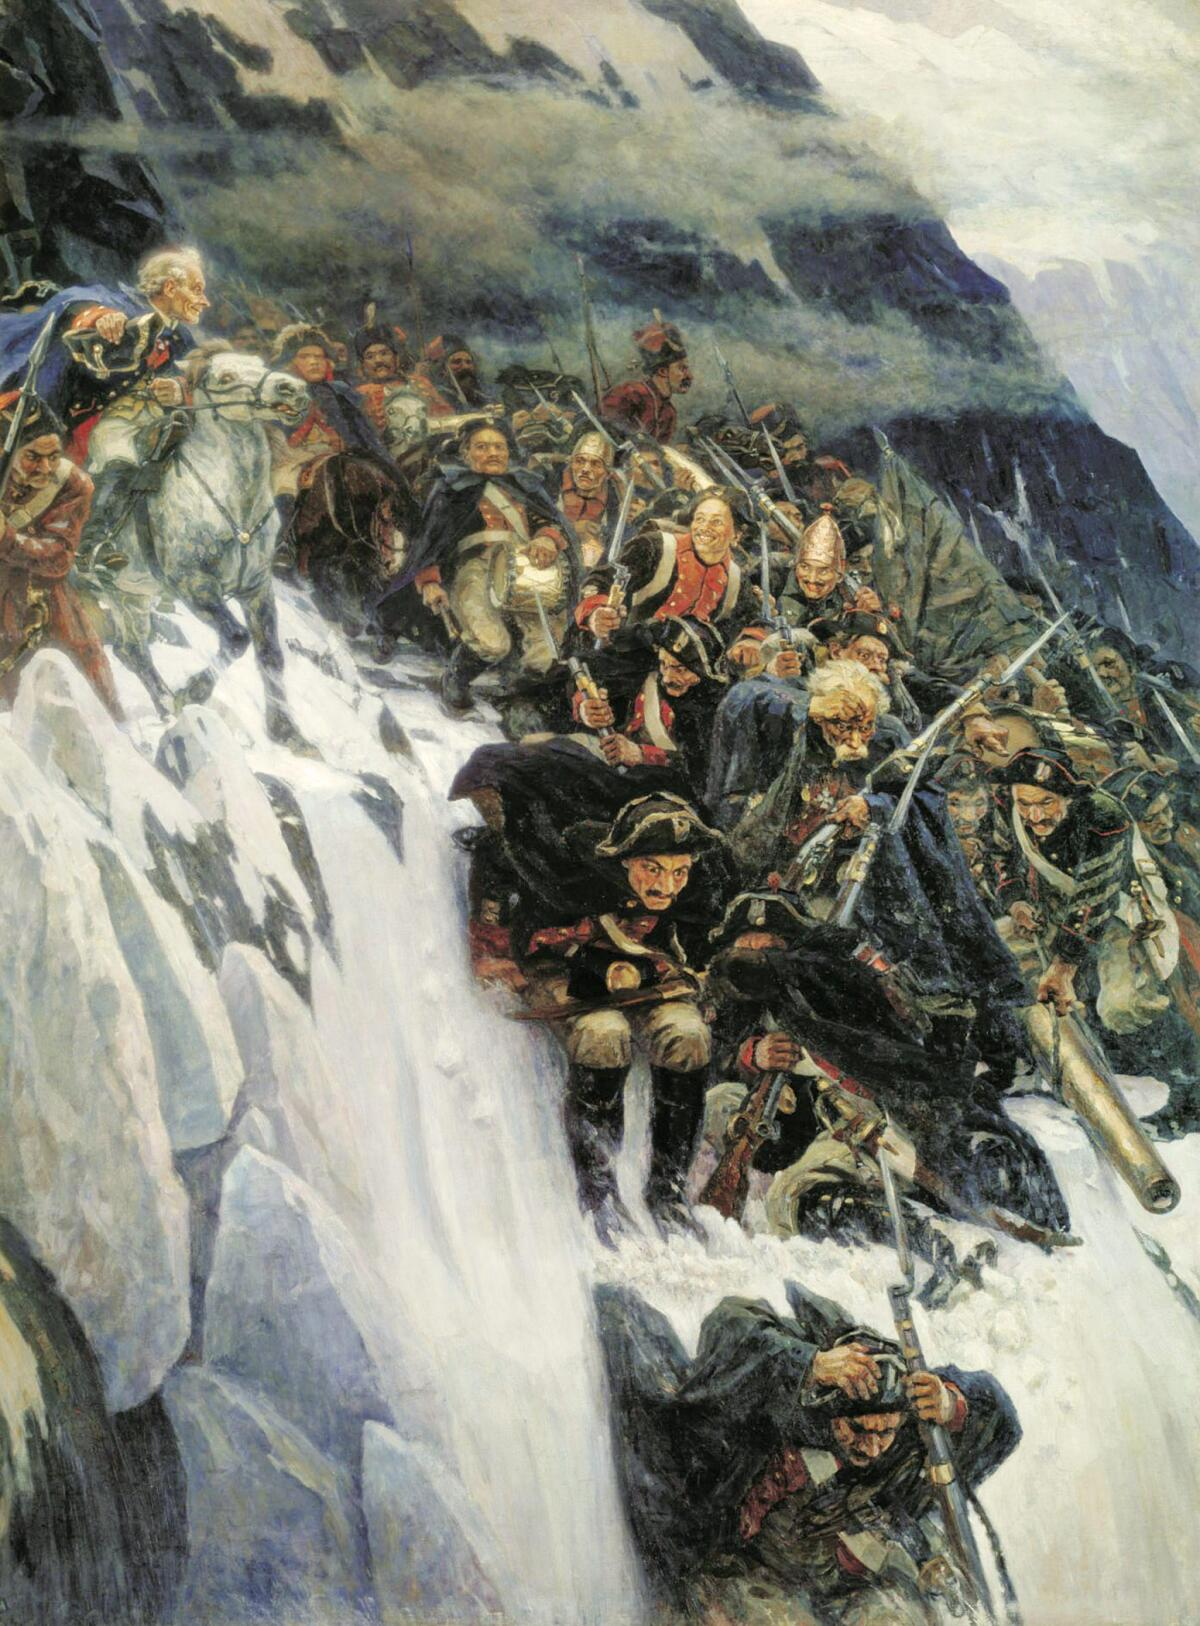 В. И. Суриков, «Переход Суворова через Альпы», 1899 г.